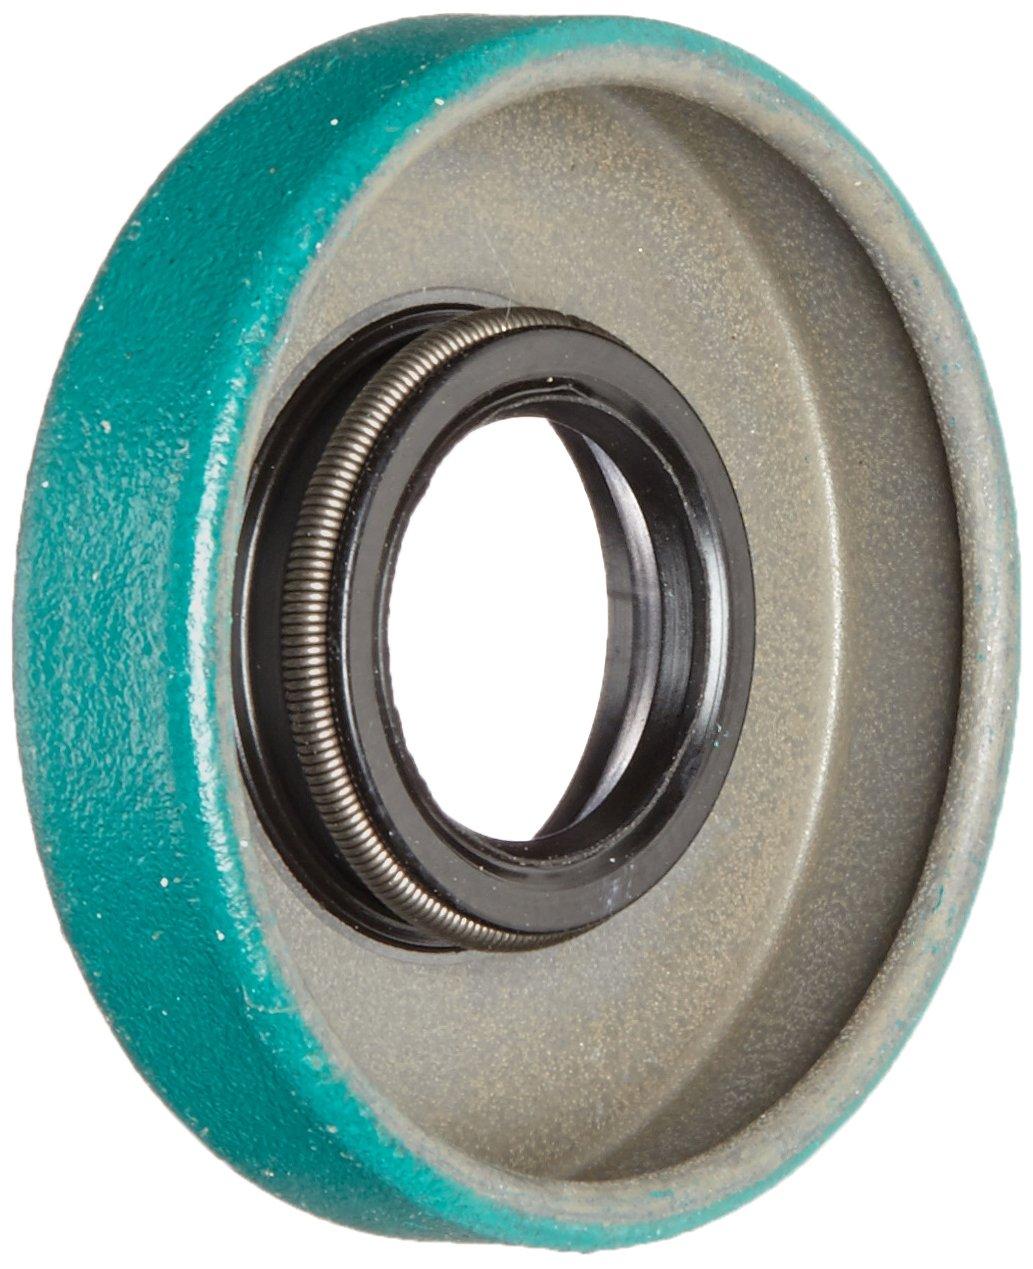 SKF 4390 LDS & Small Bore Seal, R Lip Code, CRW1 Style, Inch, 0.438' Shaft Diameter, 1.124' Bore Diameter, 0.25' Width 0.438 Shaft Diameter 1.124 Bore Diameter 0.25 Width